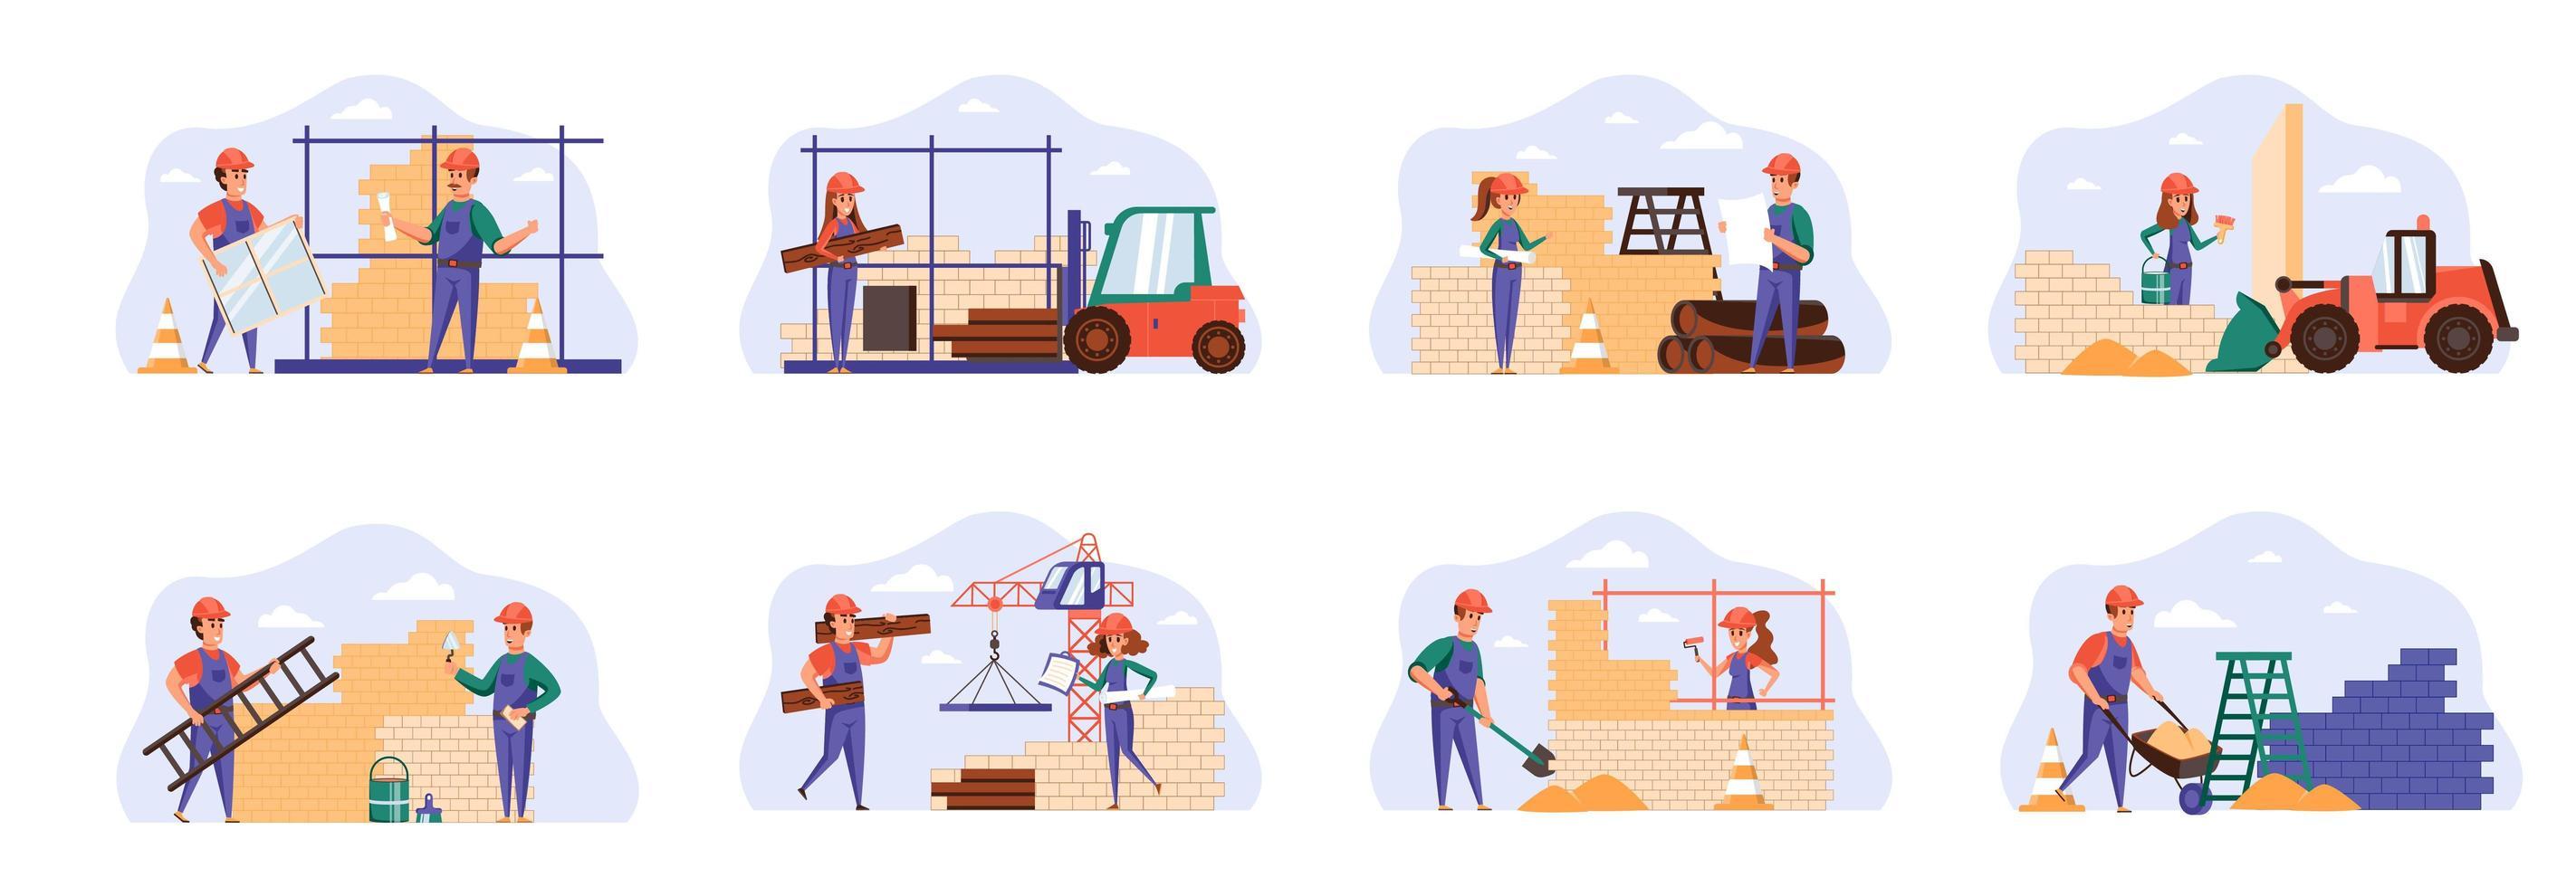 bouwers scènes bundelen met mensenpersonages. vector